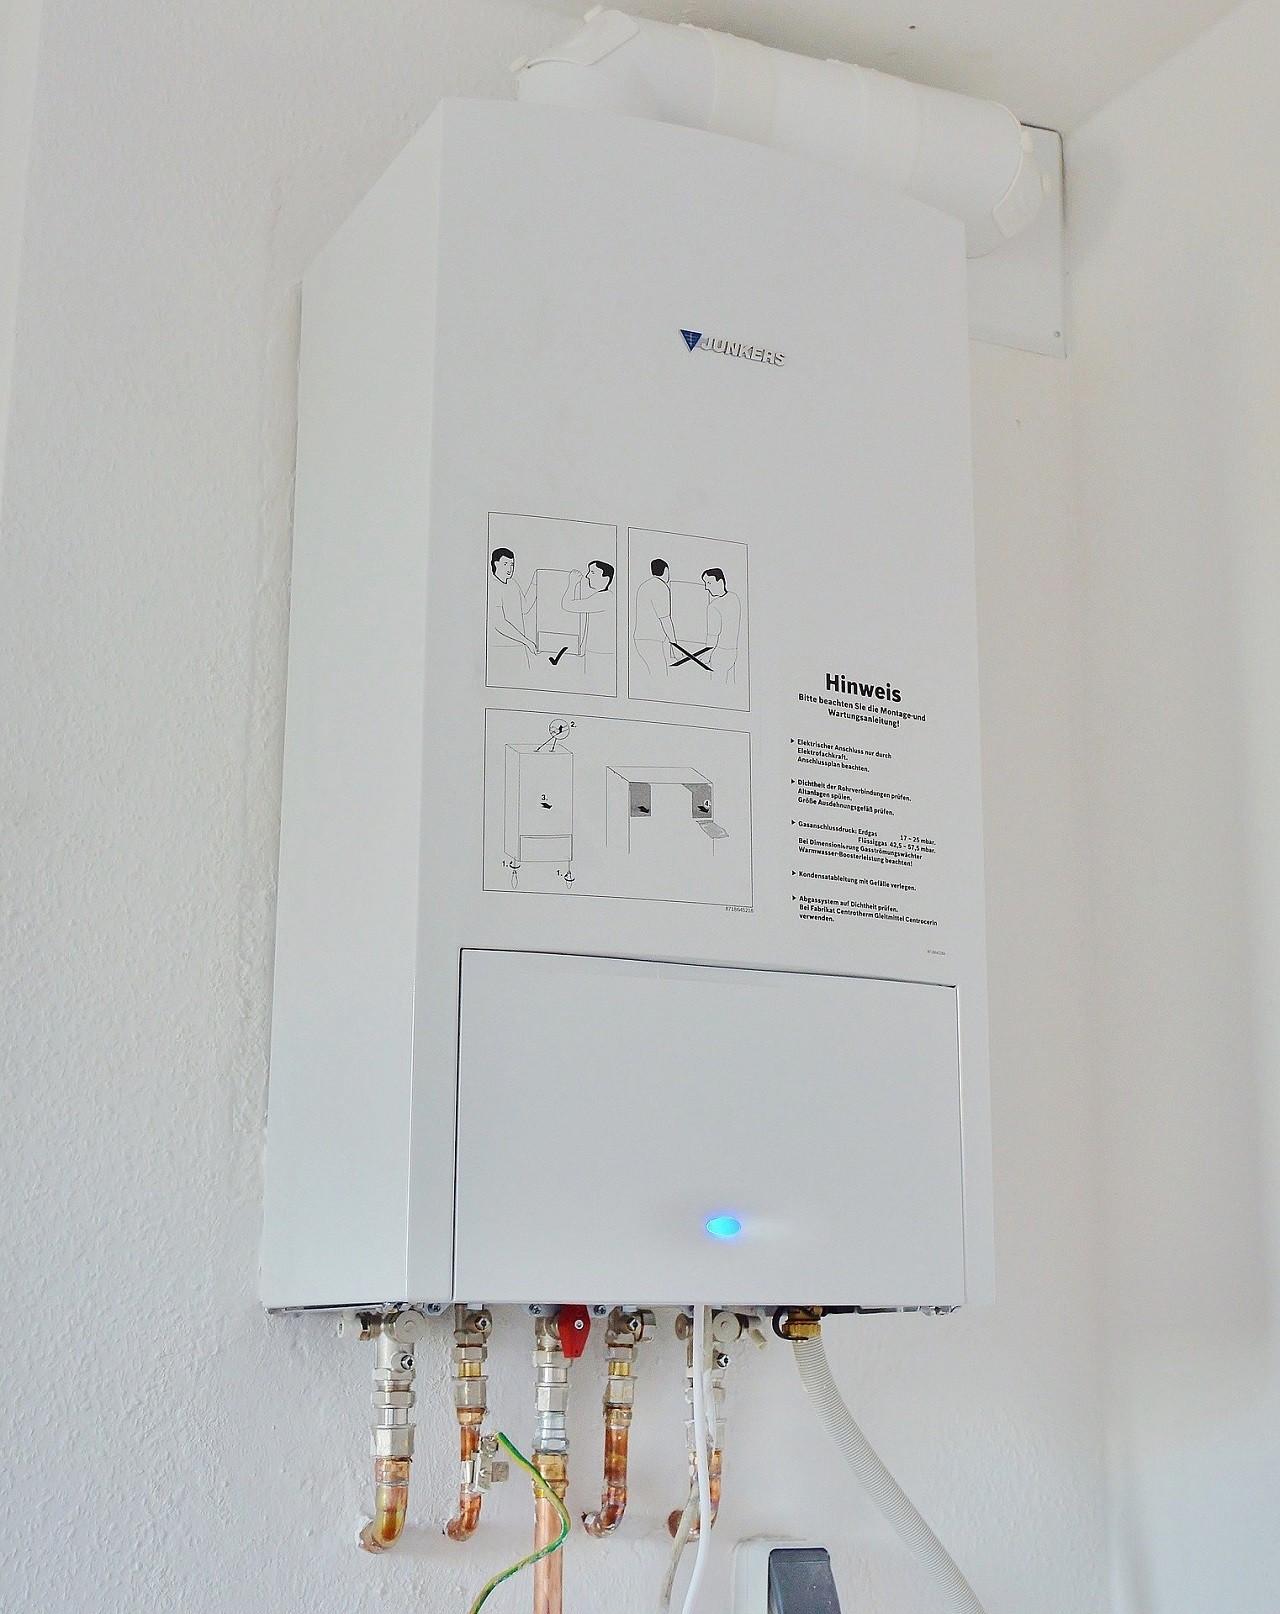 Ein Elektrischer Durchlauferhitzer ist im Betrieb natürlich teurer als ein solcher Gas-Durchlauferhitzer.